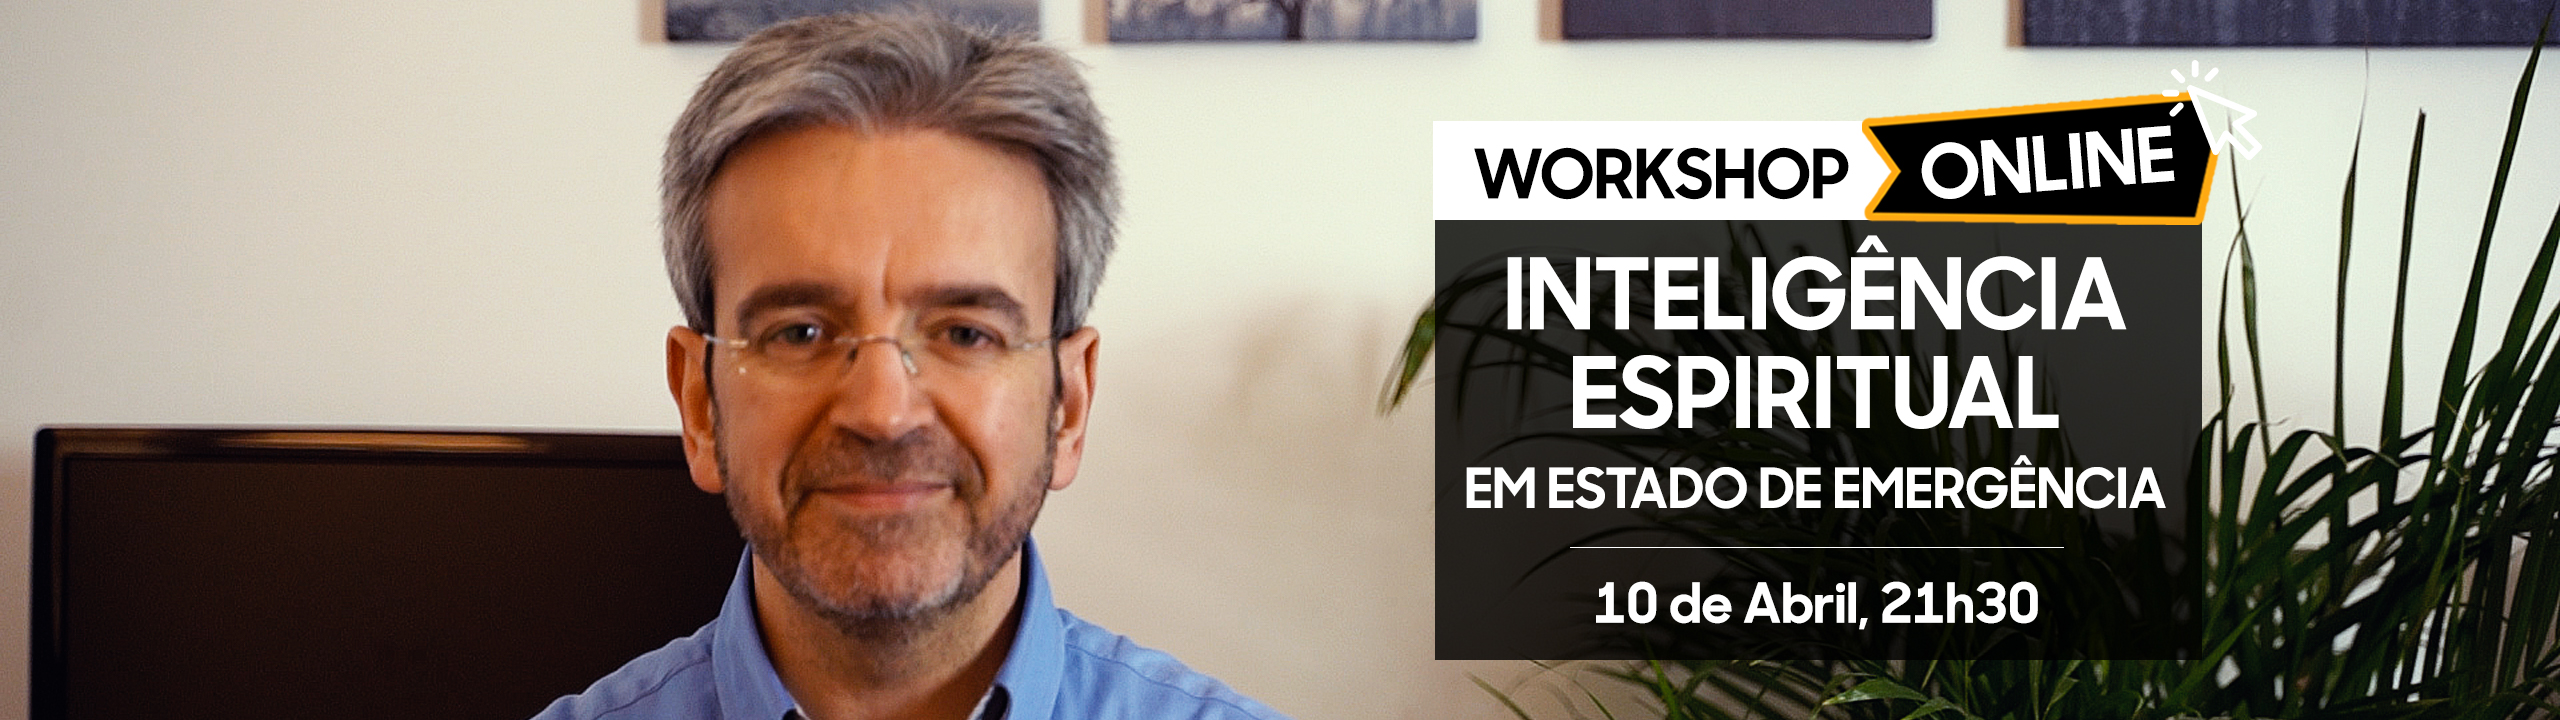 Slider Site Workshop Online de Inteligência Espiritual em Estado de Emergência - 10 de Abril